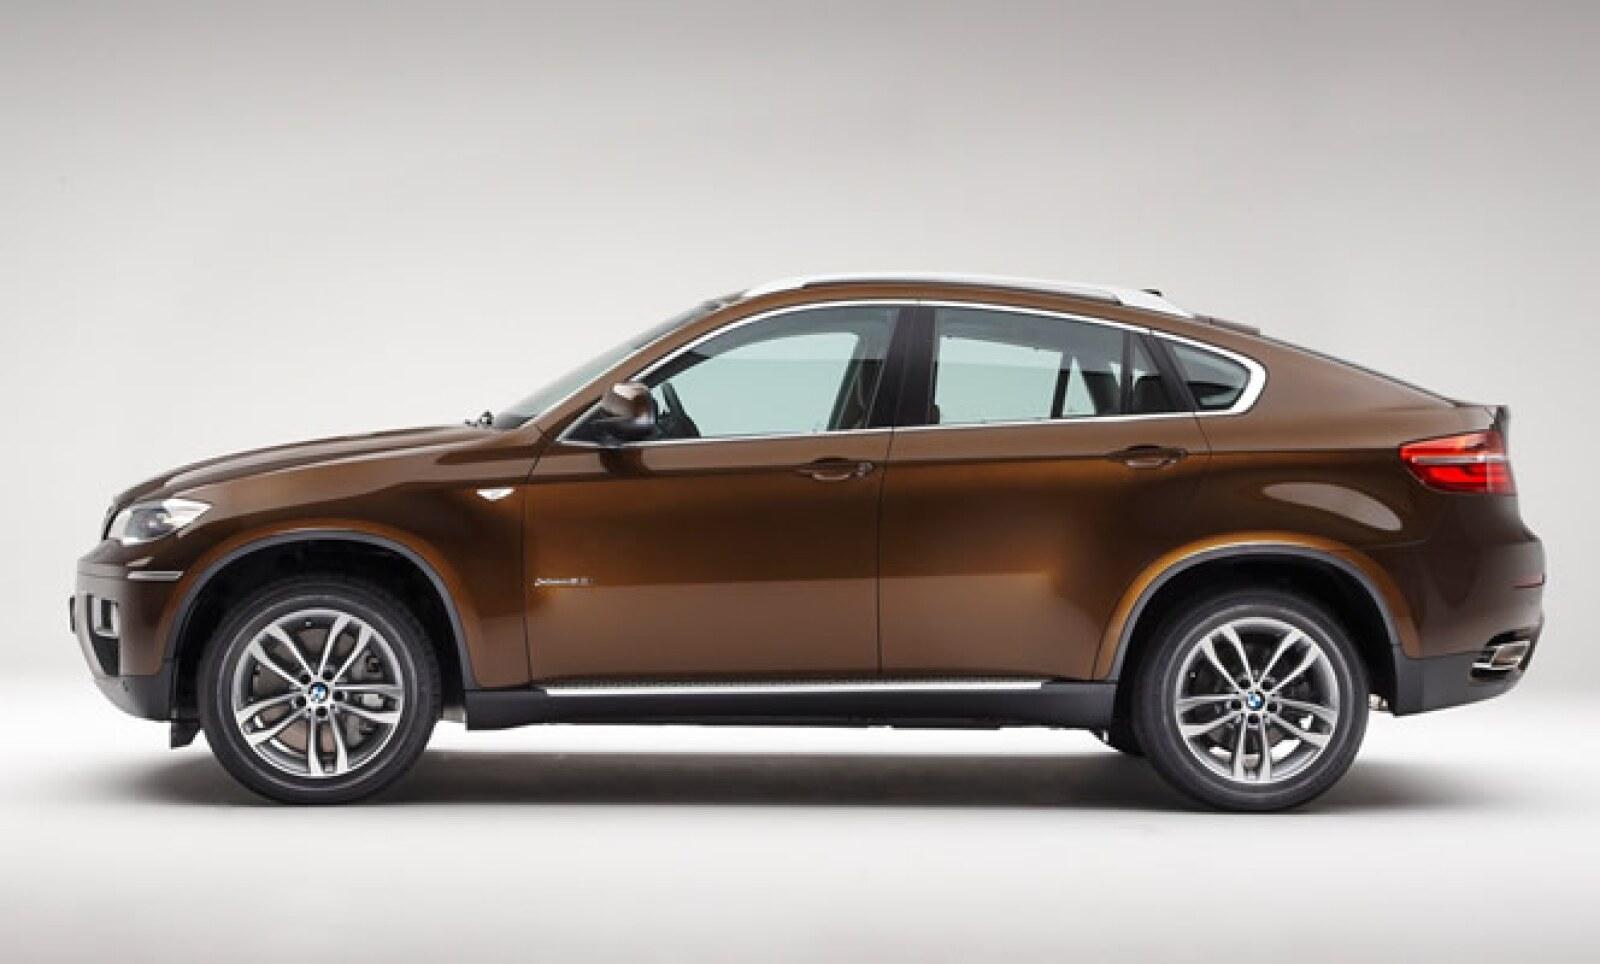 Si bien la motorización continúa igual a su anterior versión, presenta una estética moderna y más dinámica, y un nivel de equipamiento mayor.